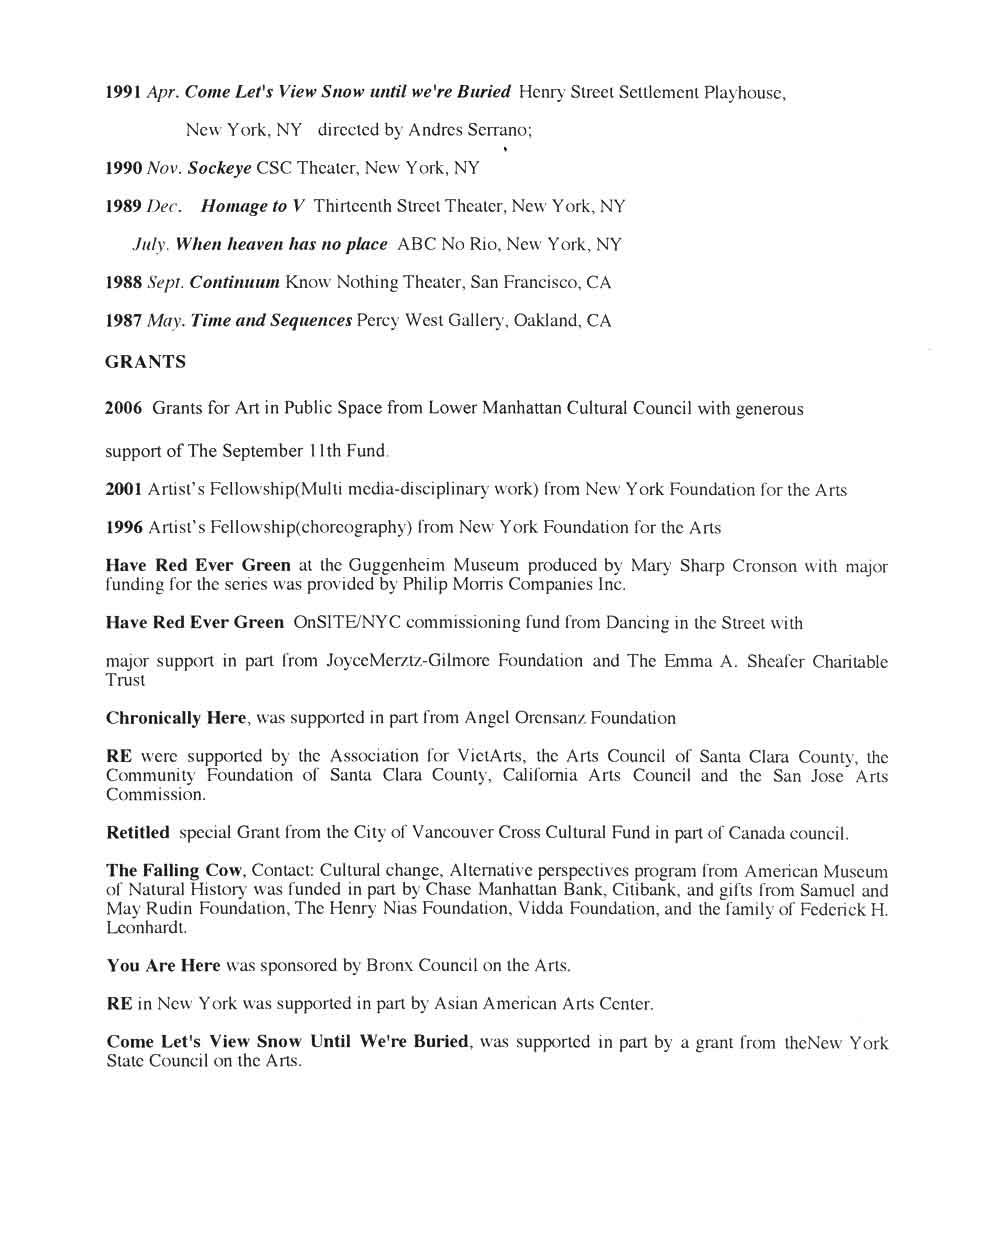 Tai Dang's Resume, pg 2